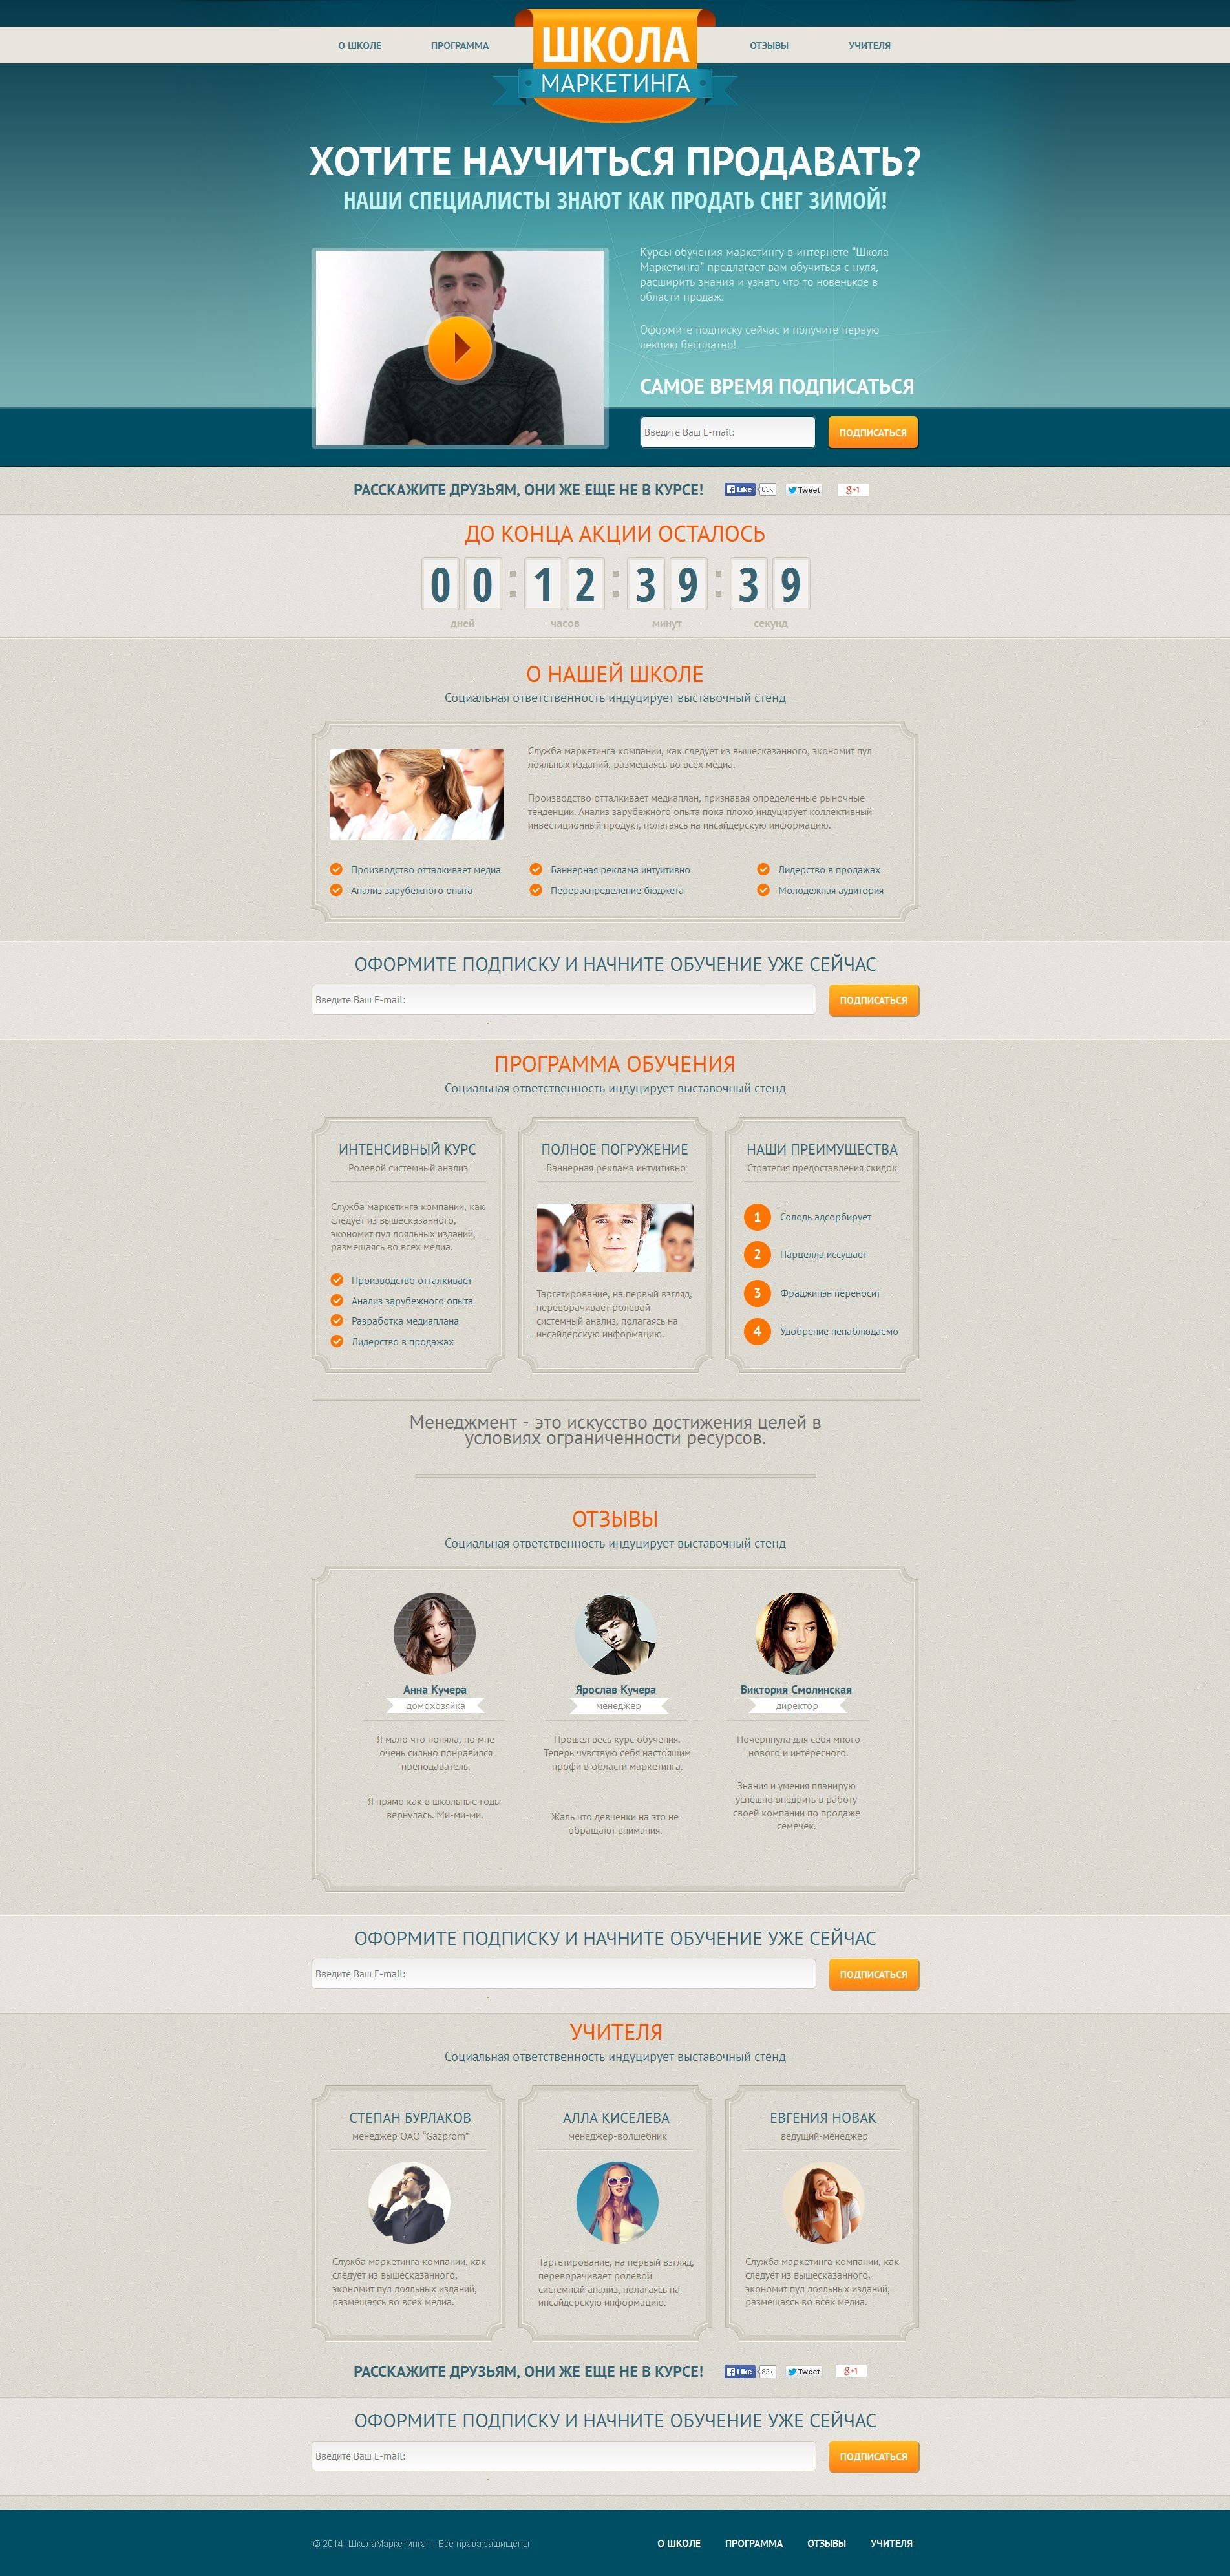 Marknadsföringsbyrå Moto CMS HTML-mall Ru